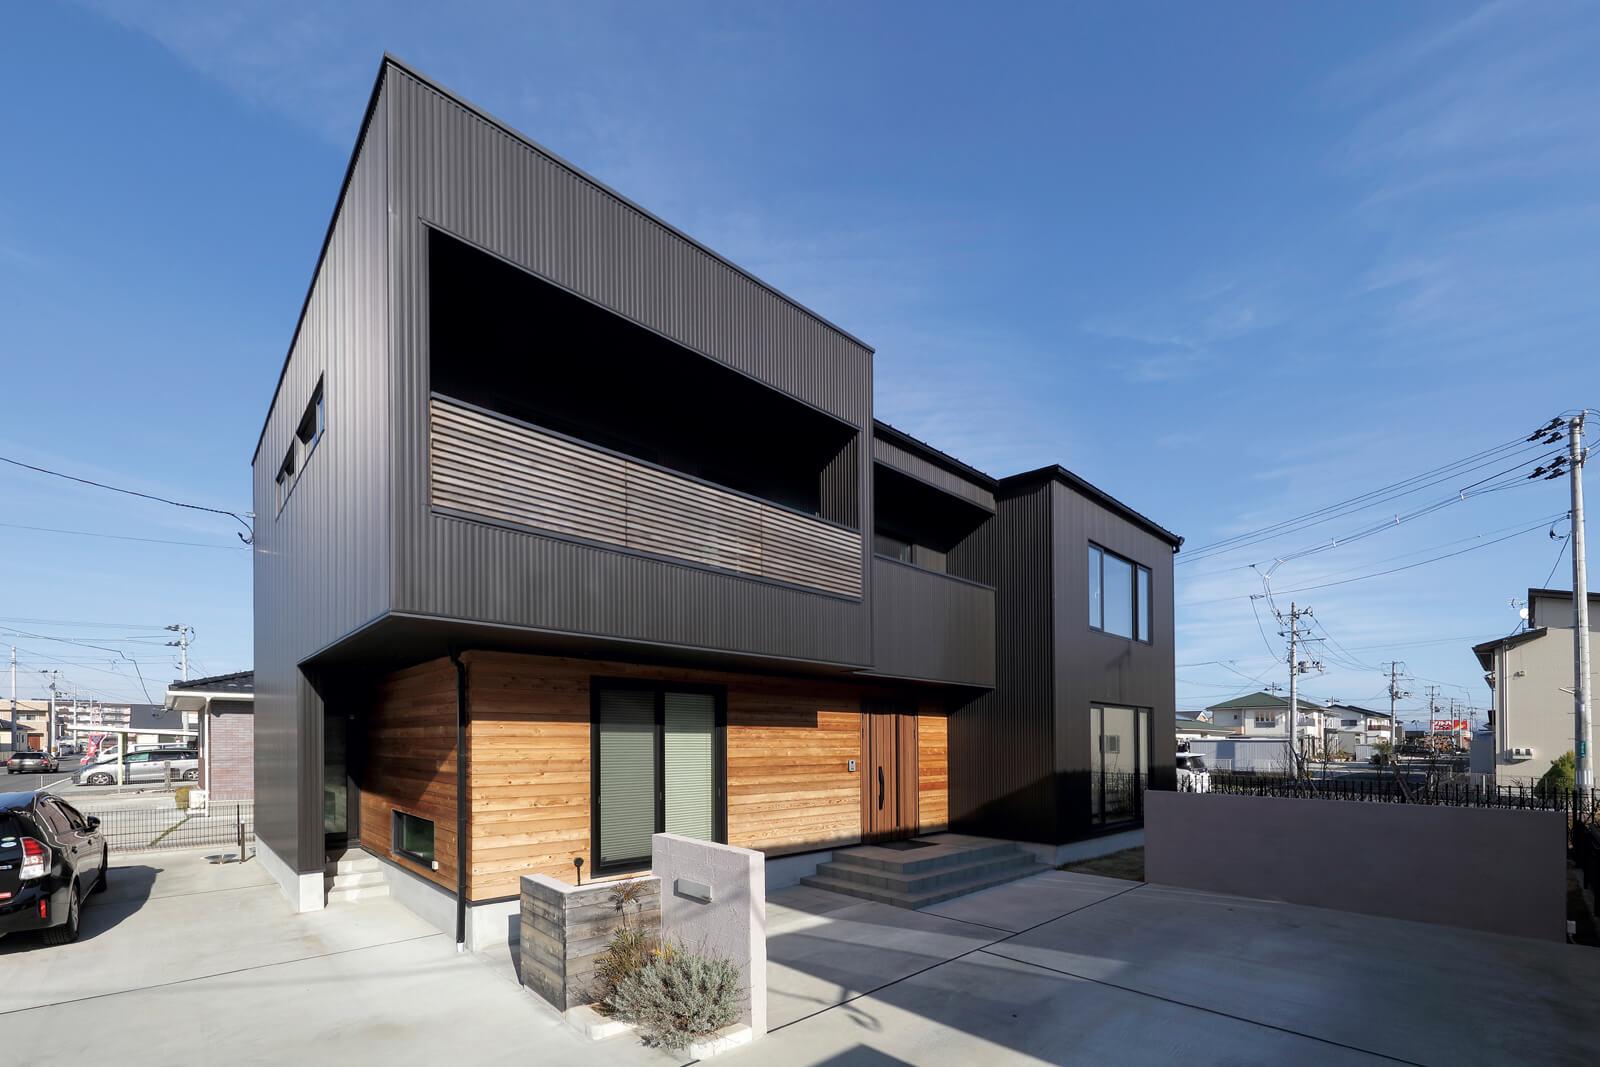 レッドシダーの木目と黒いガルバリウム鋼板のコントラストがシャープな印象を与えるKさん宅。南面の光を存分にとり入れ、太陽光発電パネルも搭載したゼロエネ住宅